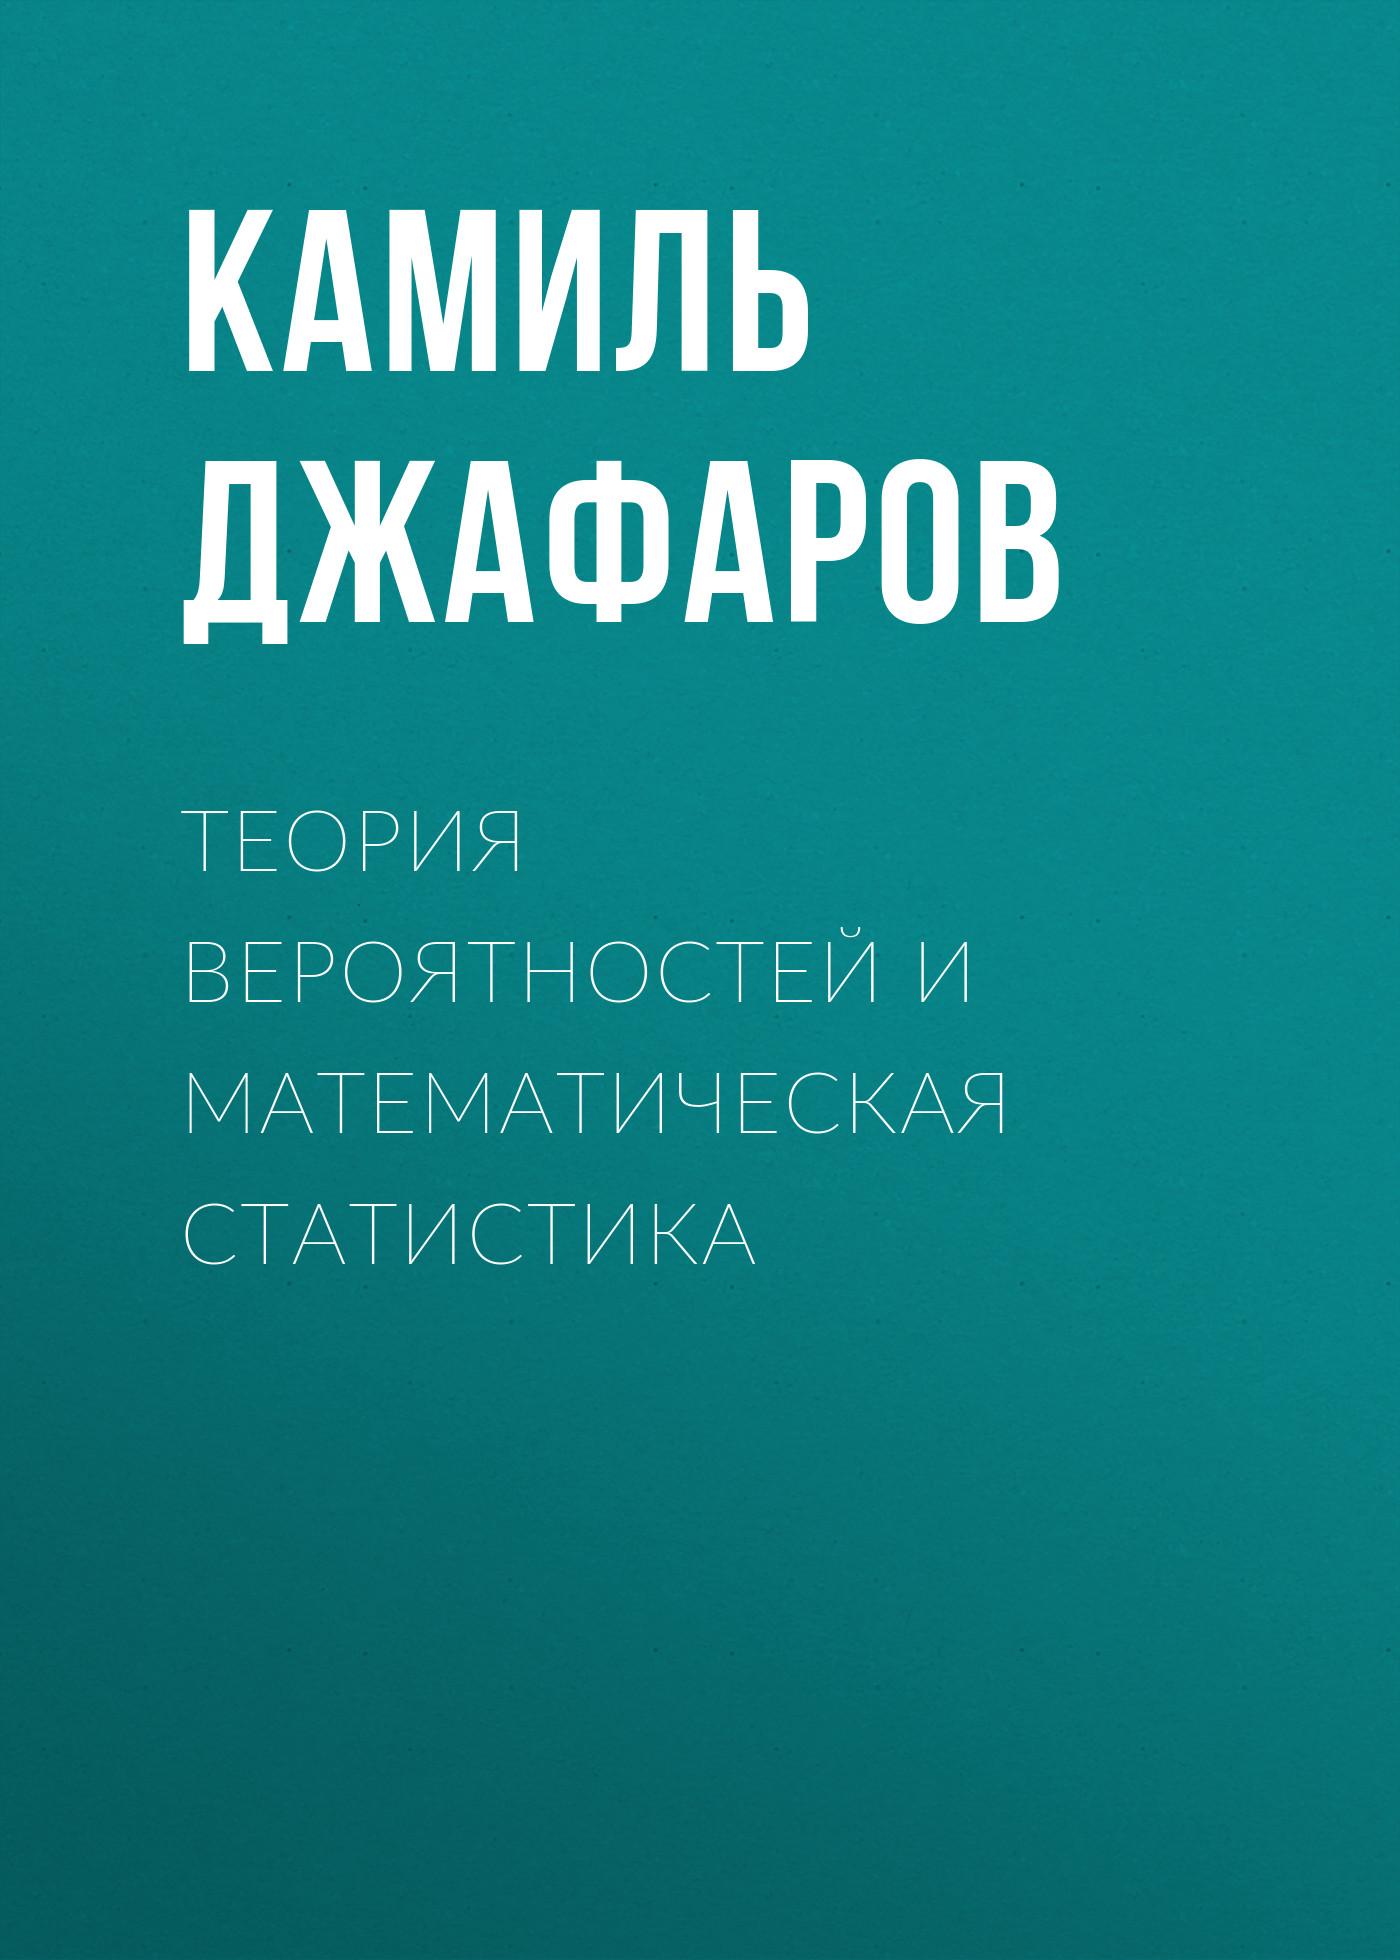 цены Камиль Джафаров Теория вероятностей и математическая статистика